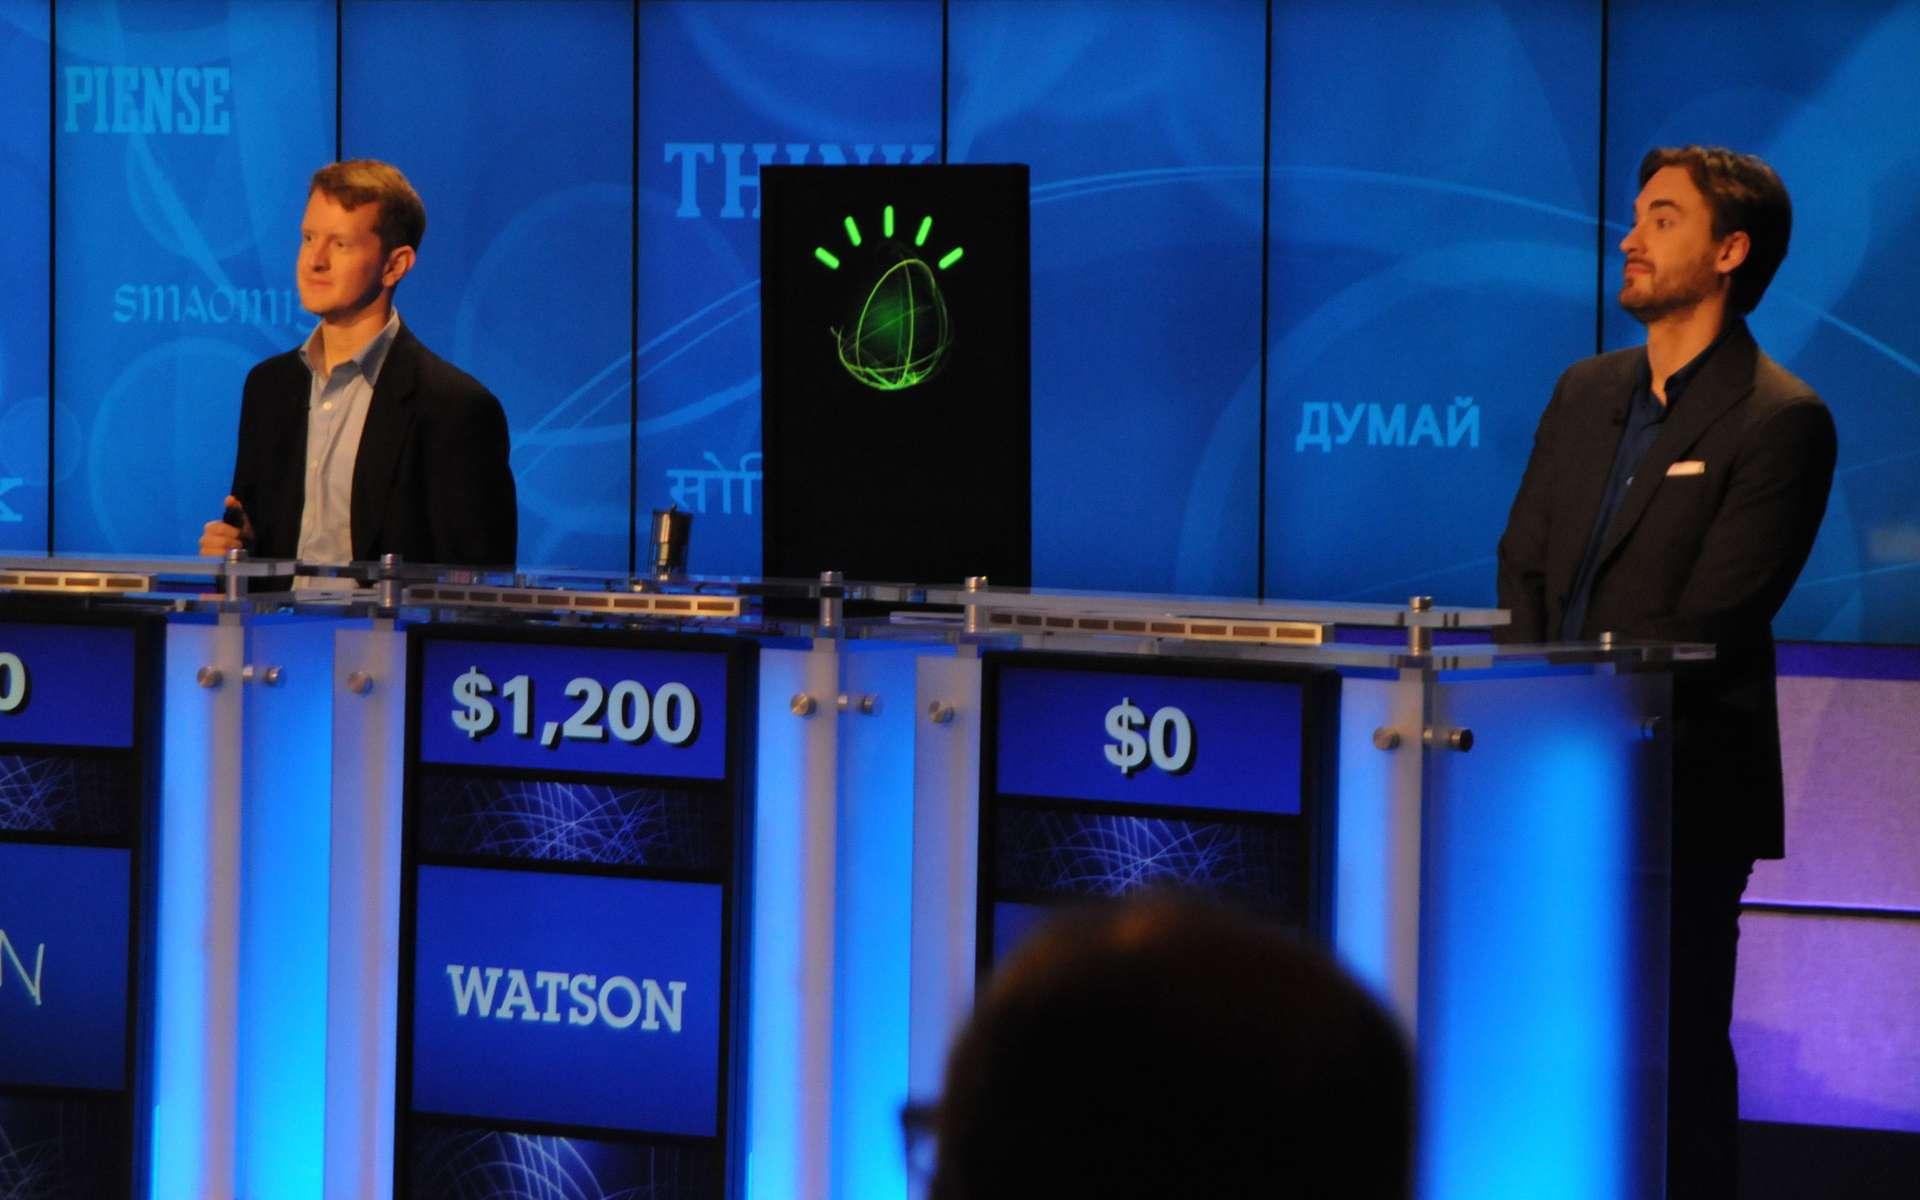 Après avoir démontré sa puissance en battant deux concurrents humains en direct lors du jeu télévisé Jeopardy, Watson a trouvé des applications commerciales très rémunératrices pour IBM dans les domaines de la finance et de la médecine. © IBM